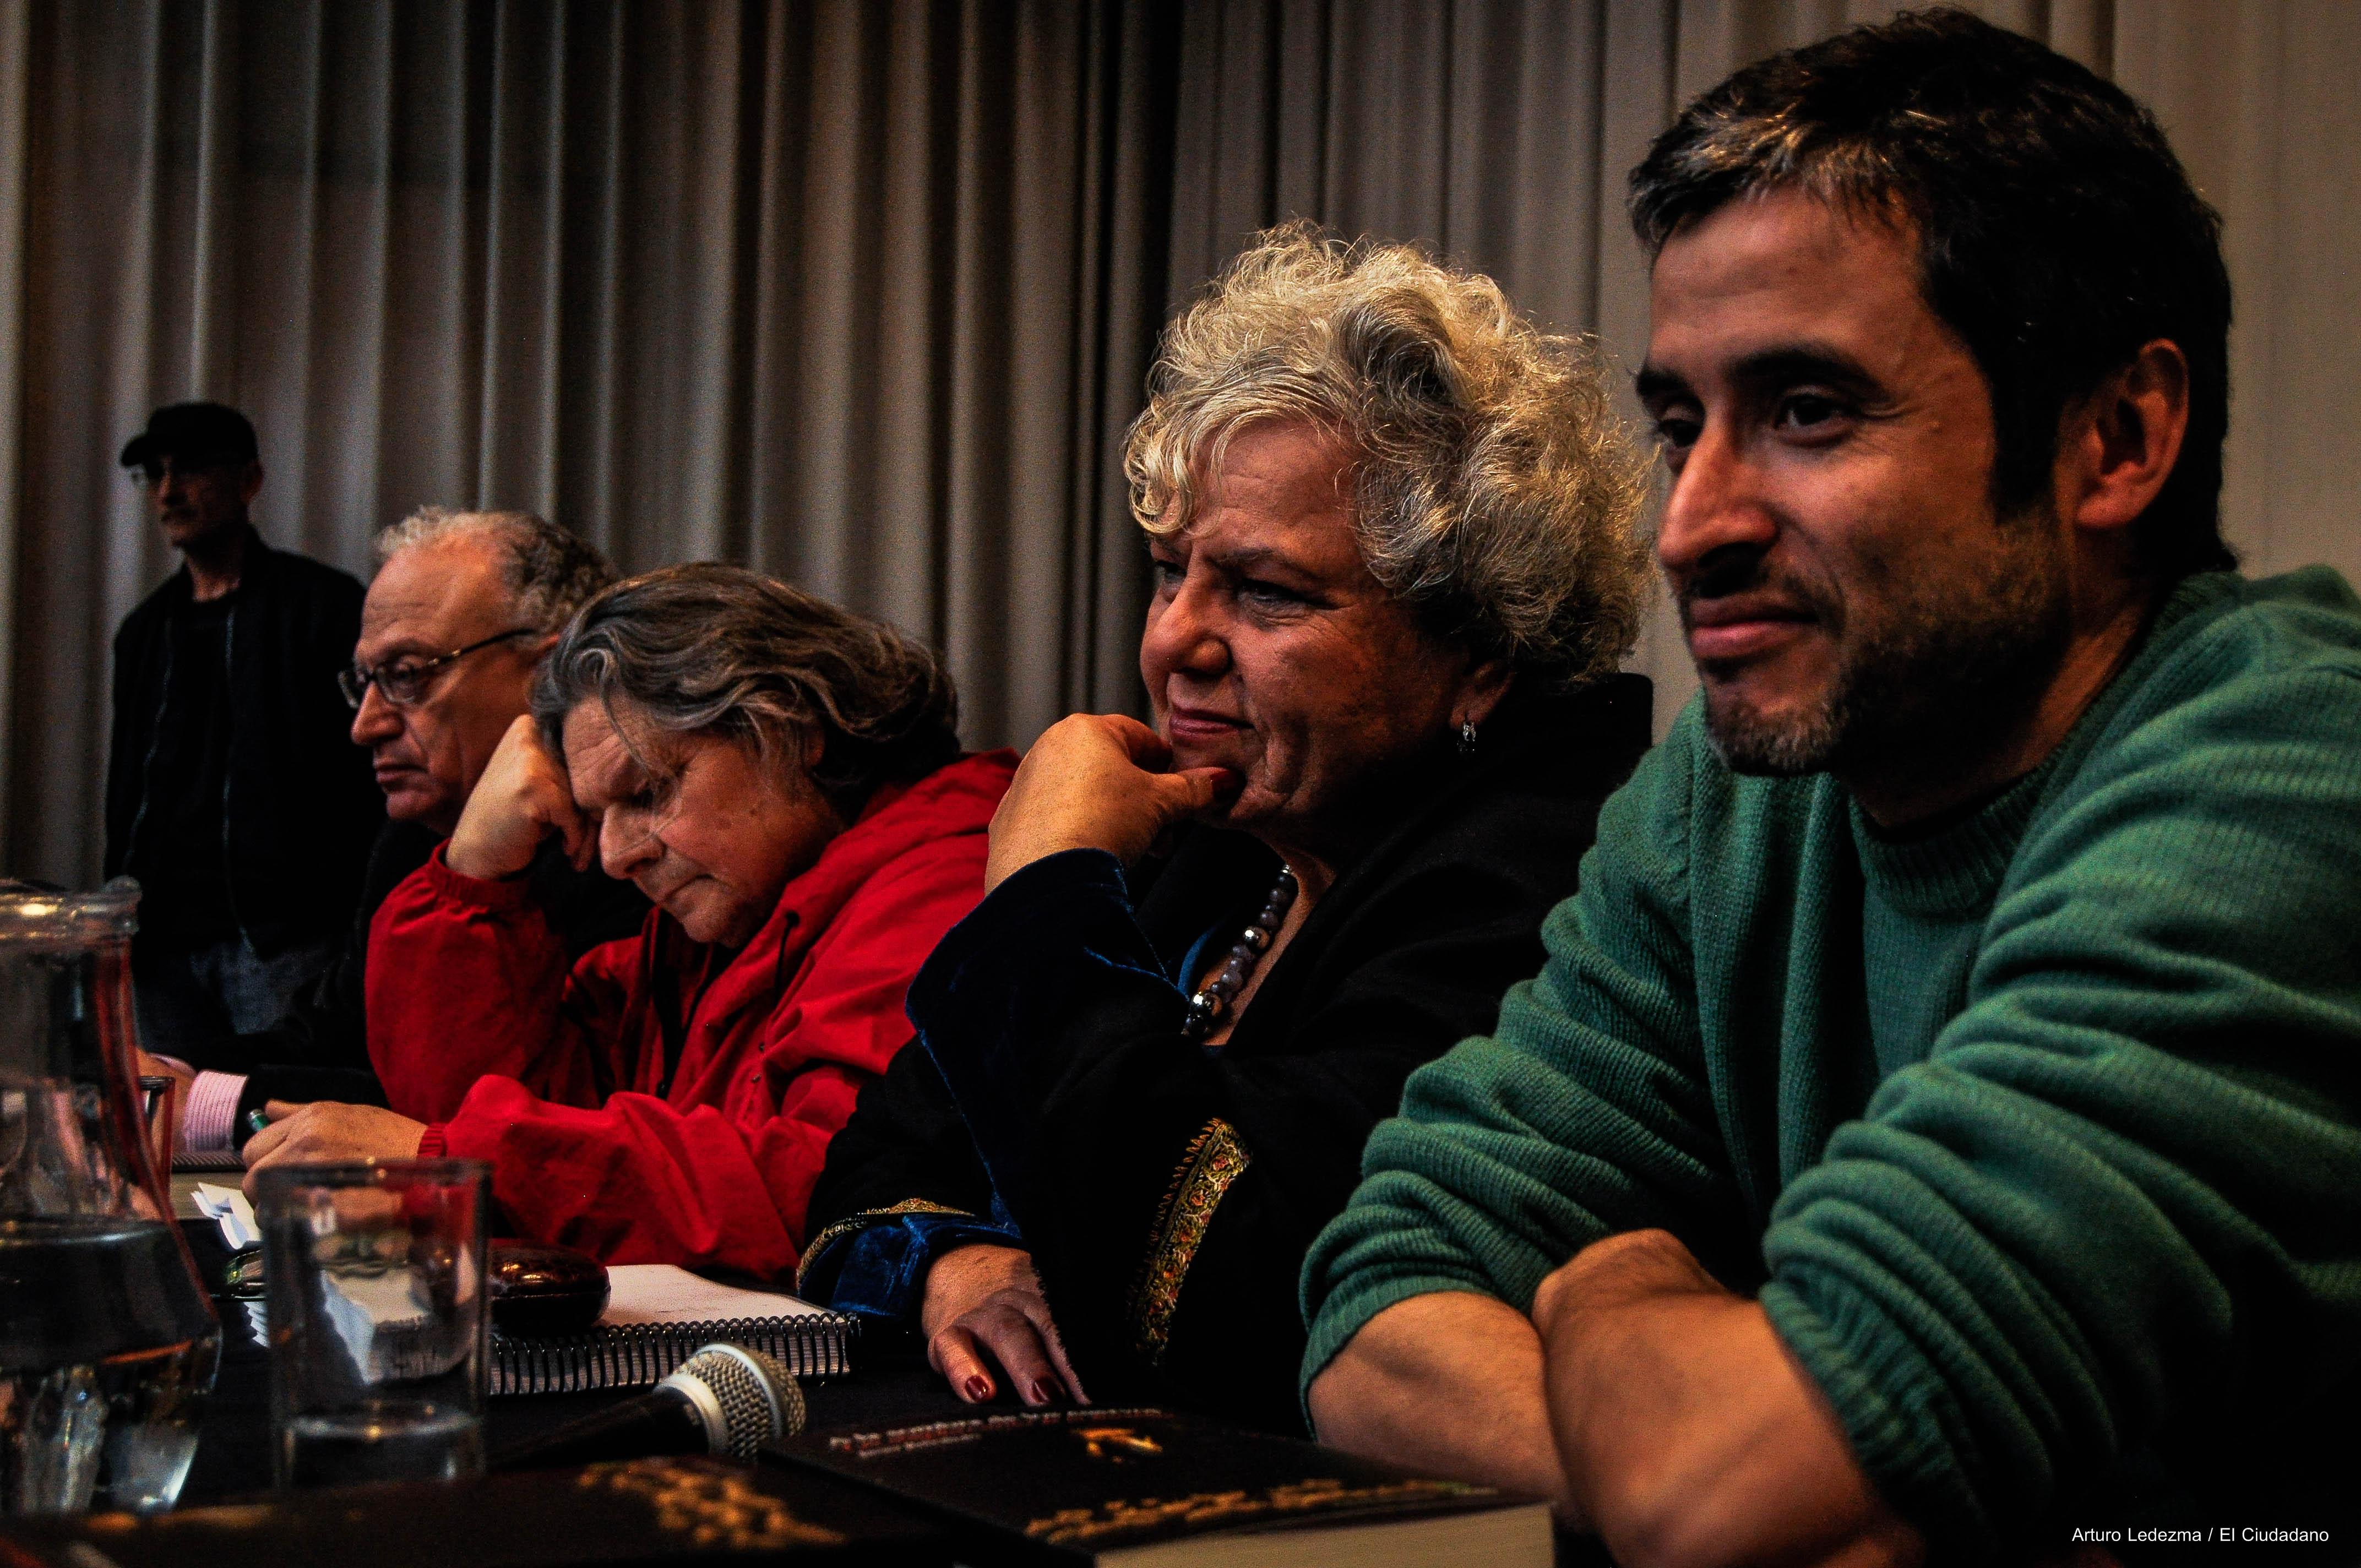 Seguimos a la sombra de los cuervos: Lanzamiento de Javier Rebolledo, pifias para Aleuy y otras palabras que incomodan al sistema